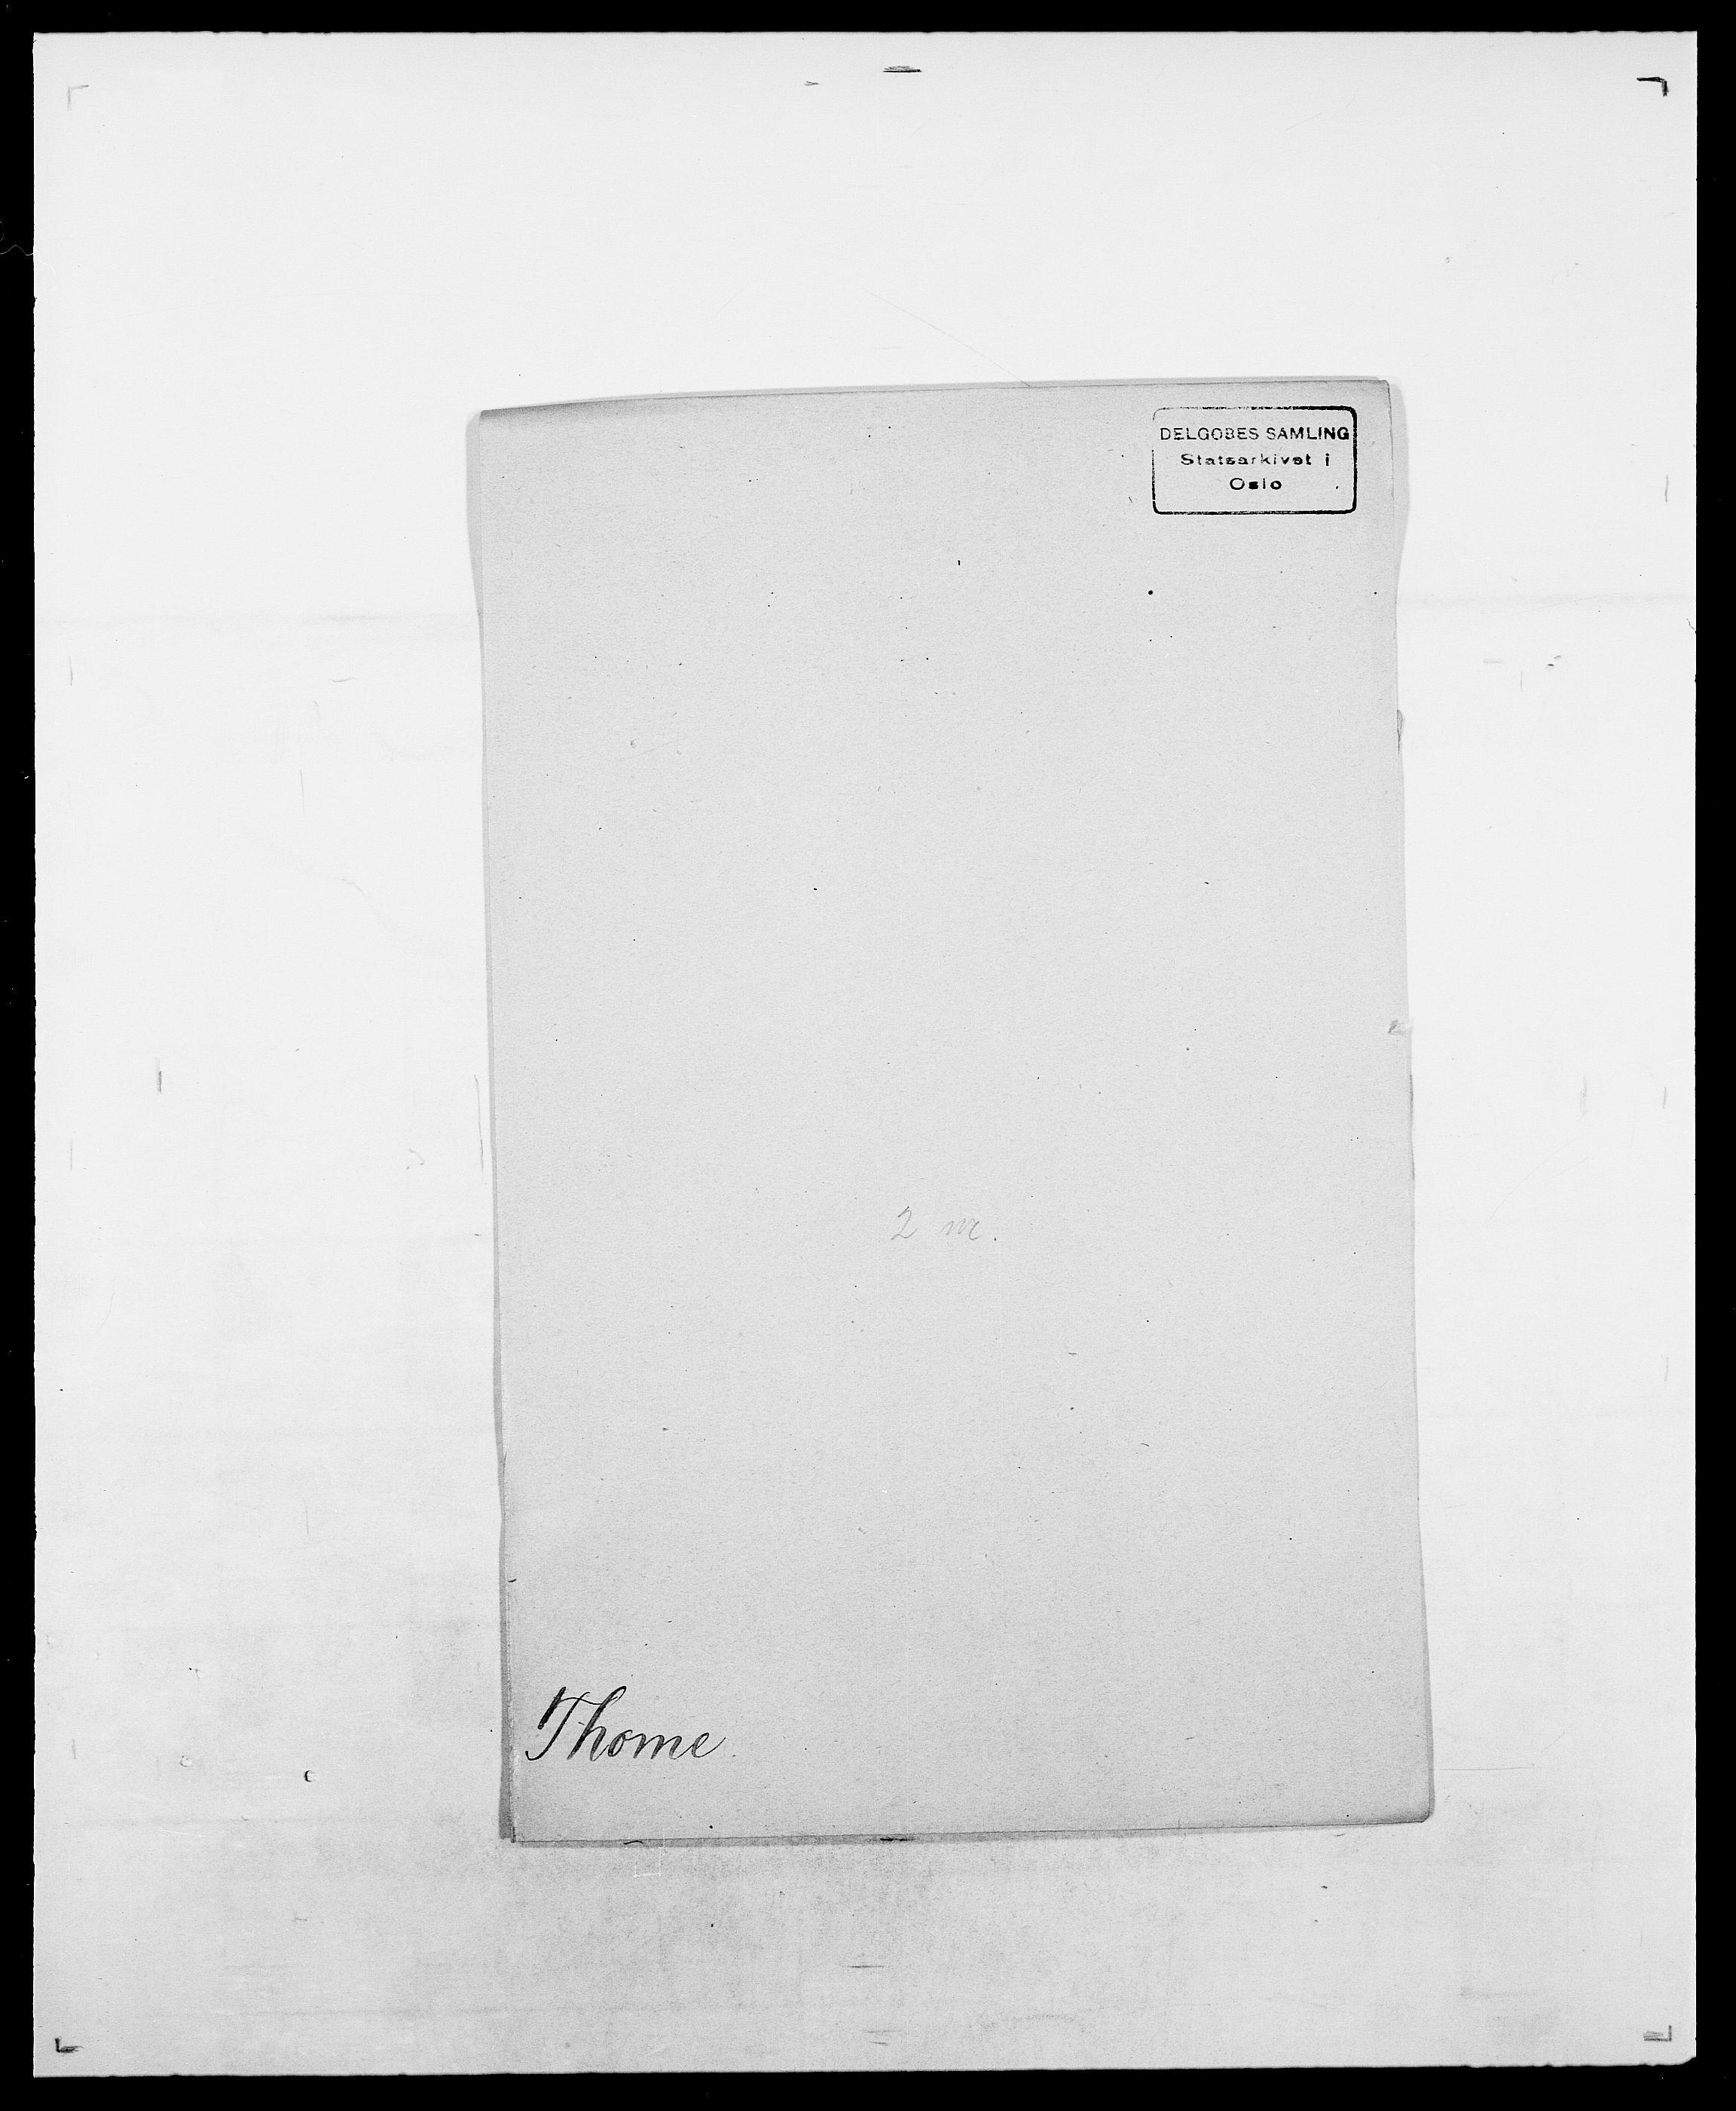 SAO, Delgobe, Charles Antoine - samling, D/Da/L0038: Svanenskjold - Thornsohn, s. 790